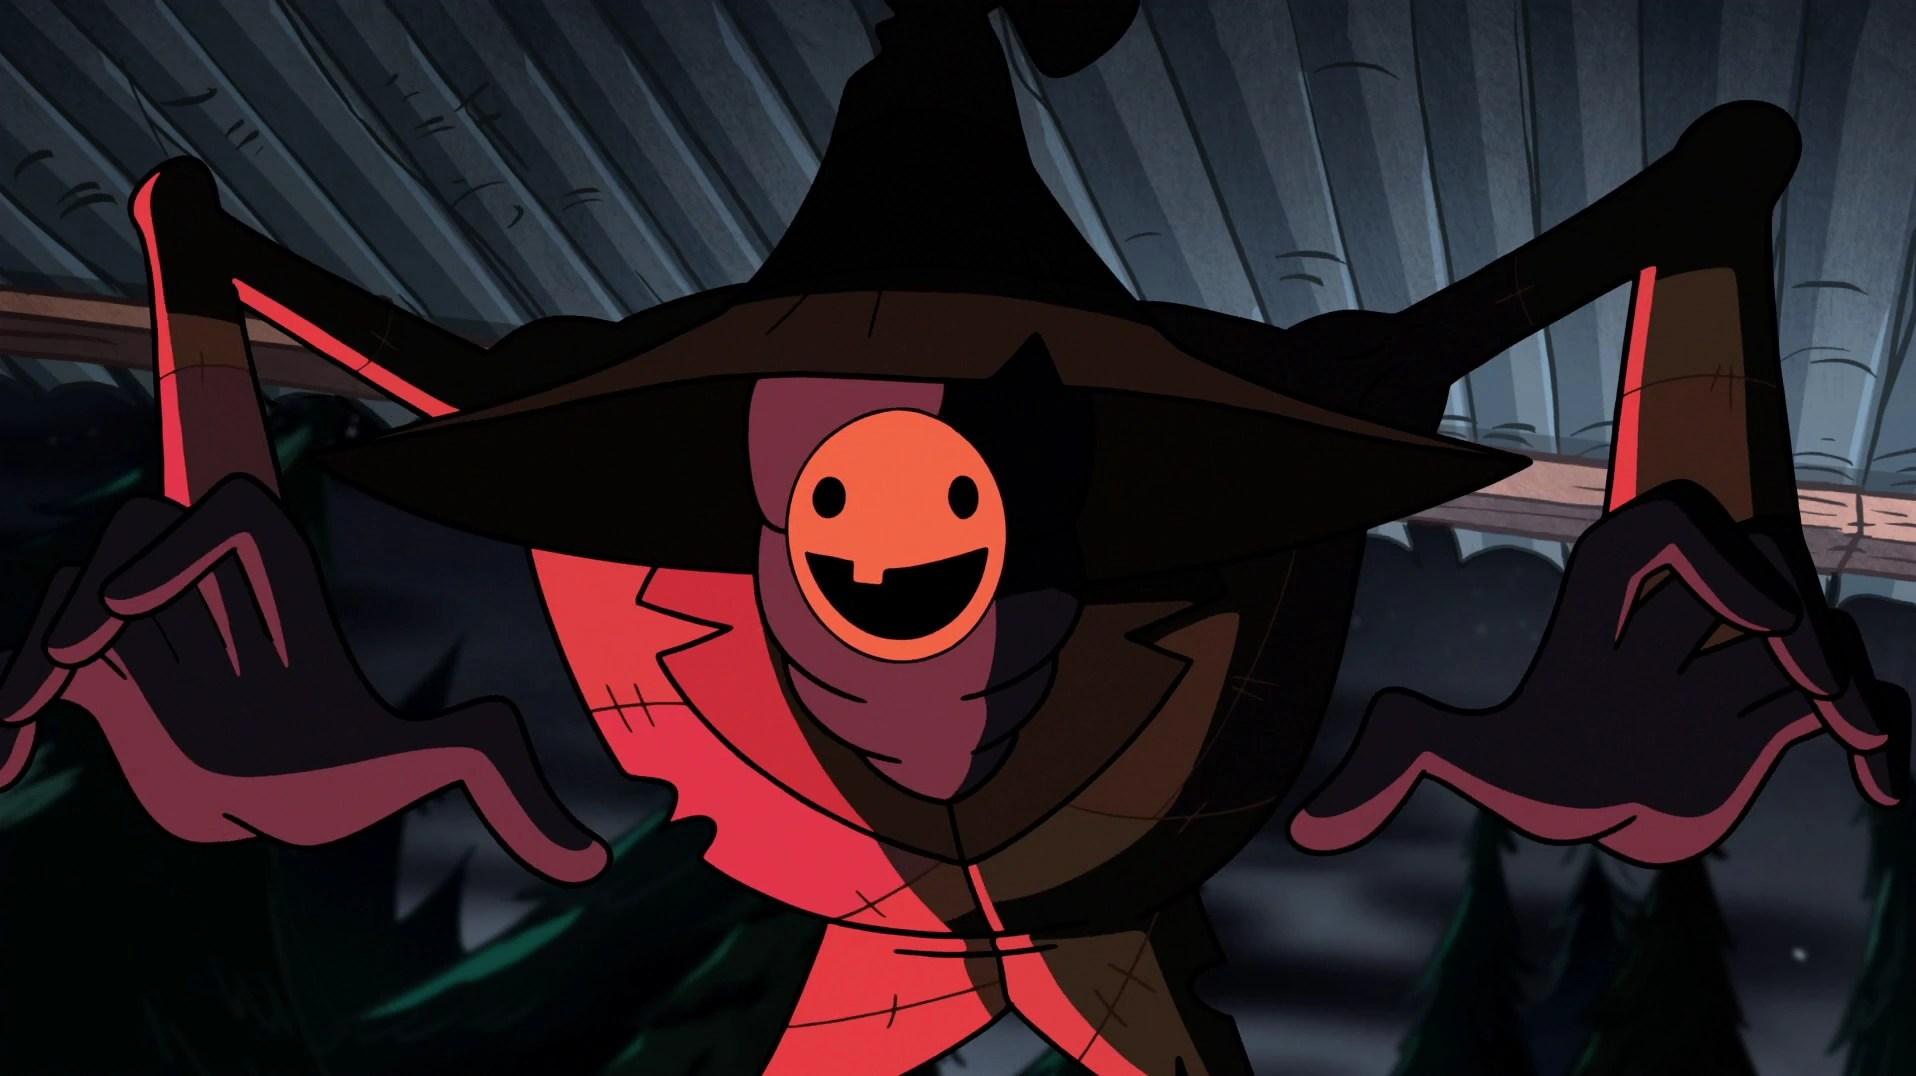 I Eat Kids Wallpaper Gravity Falls Summerween Trickster Halloween Specials Wiki Fandom